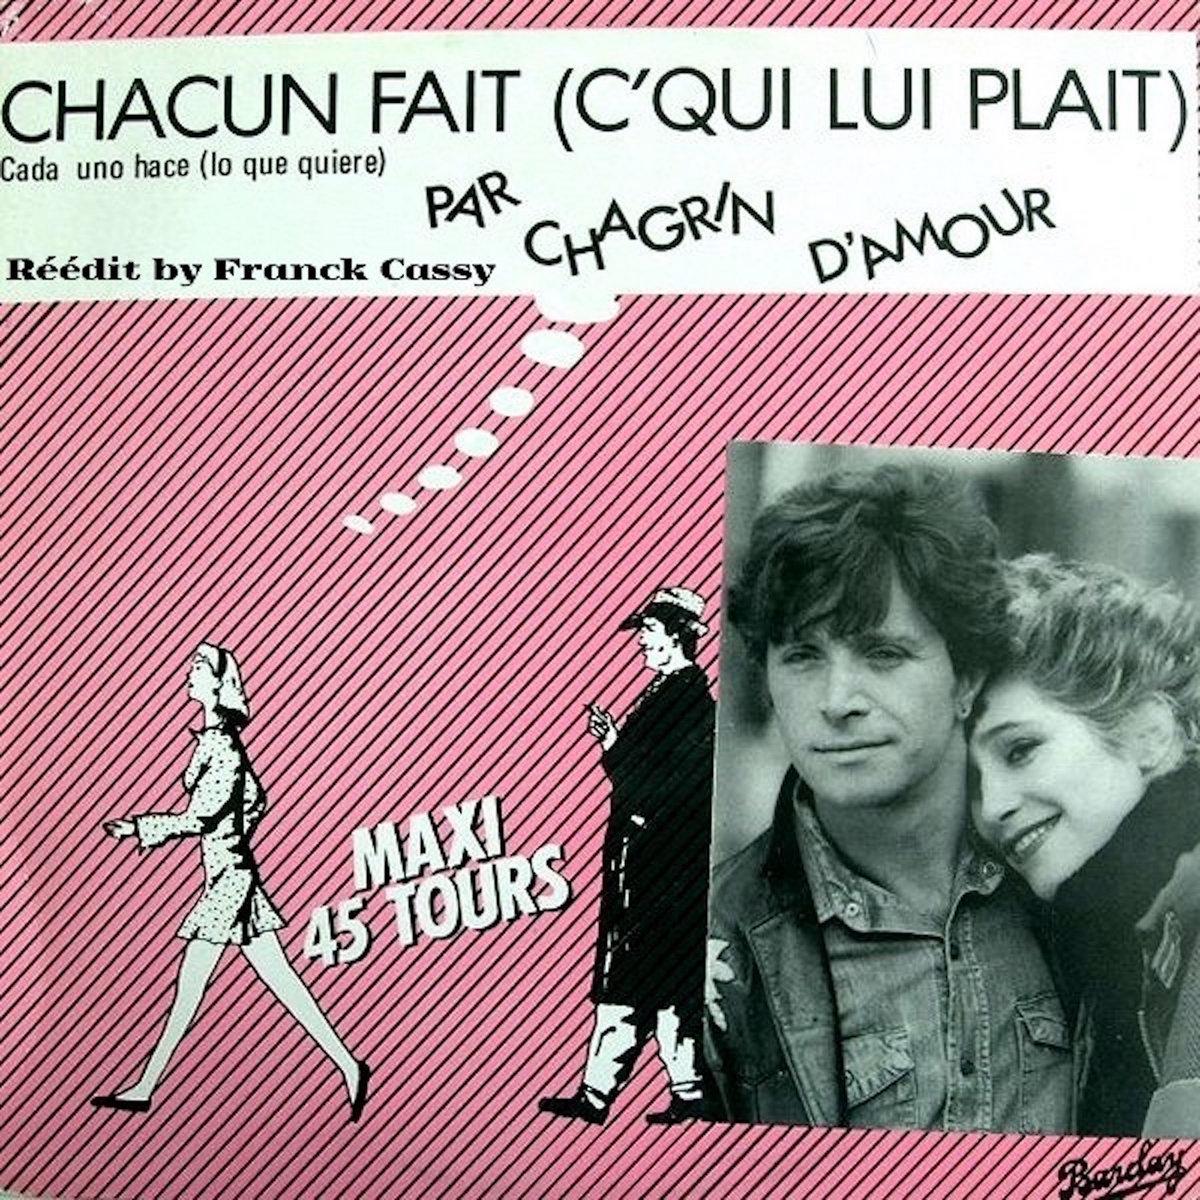 LUI FAIT PLAIT CQUI DAMOUR CHAGRIN CHACUN TÉLÉCHARGER